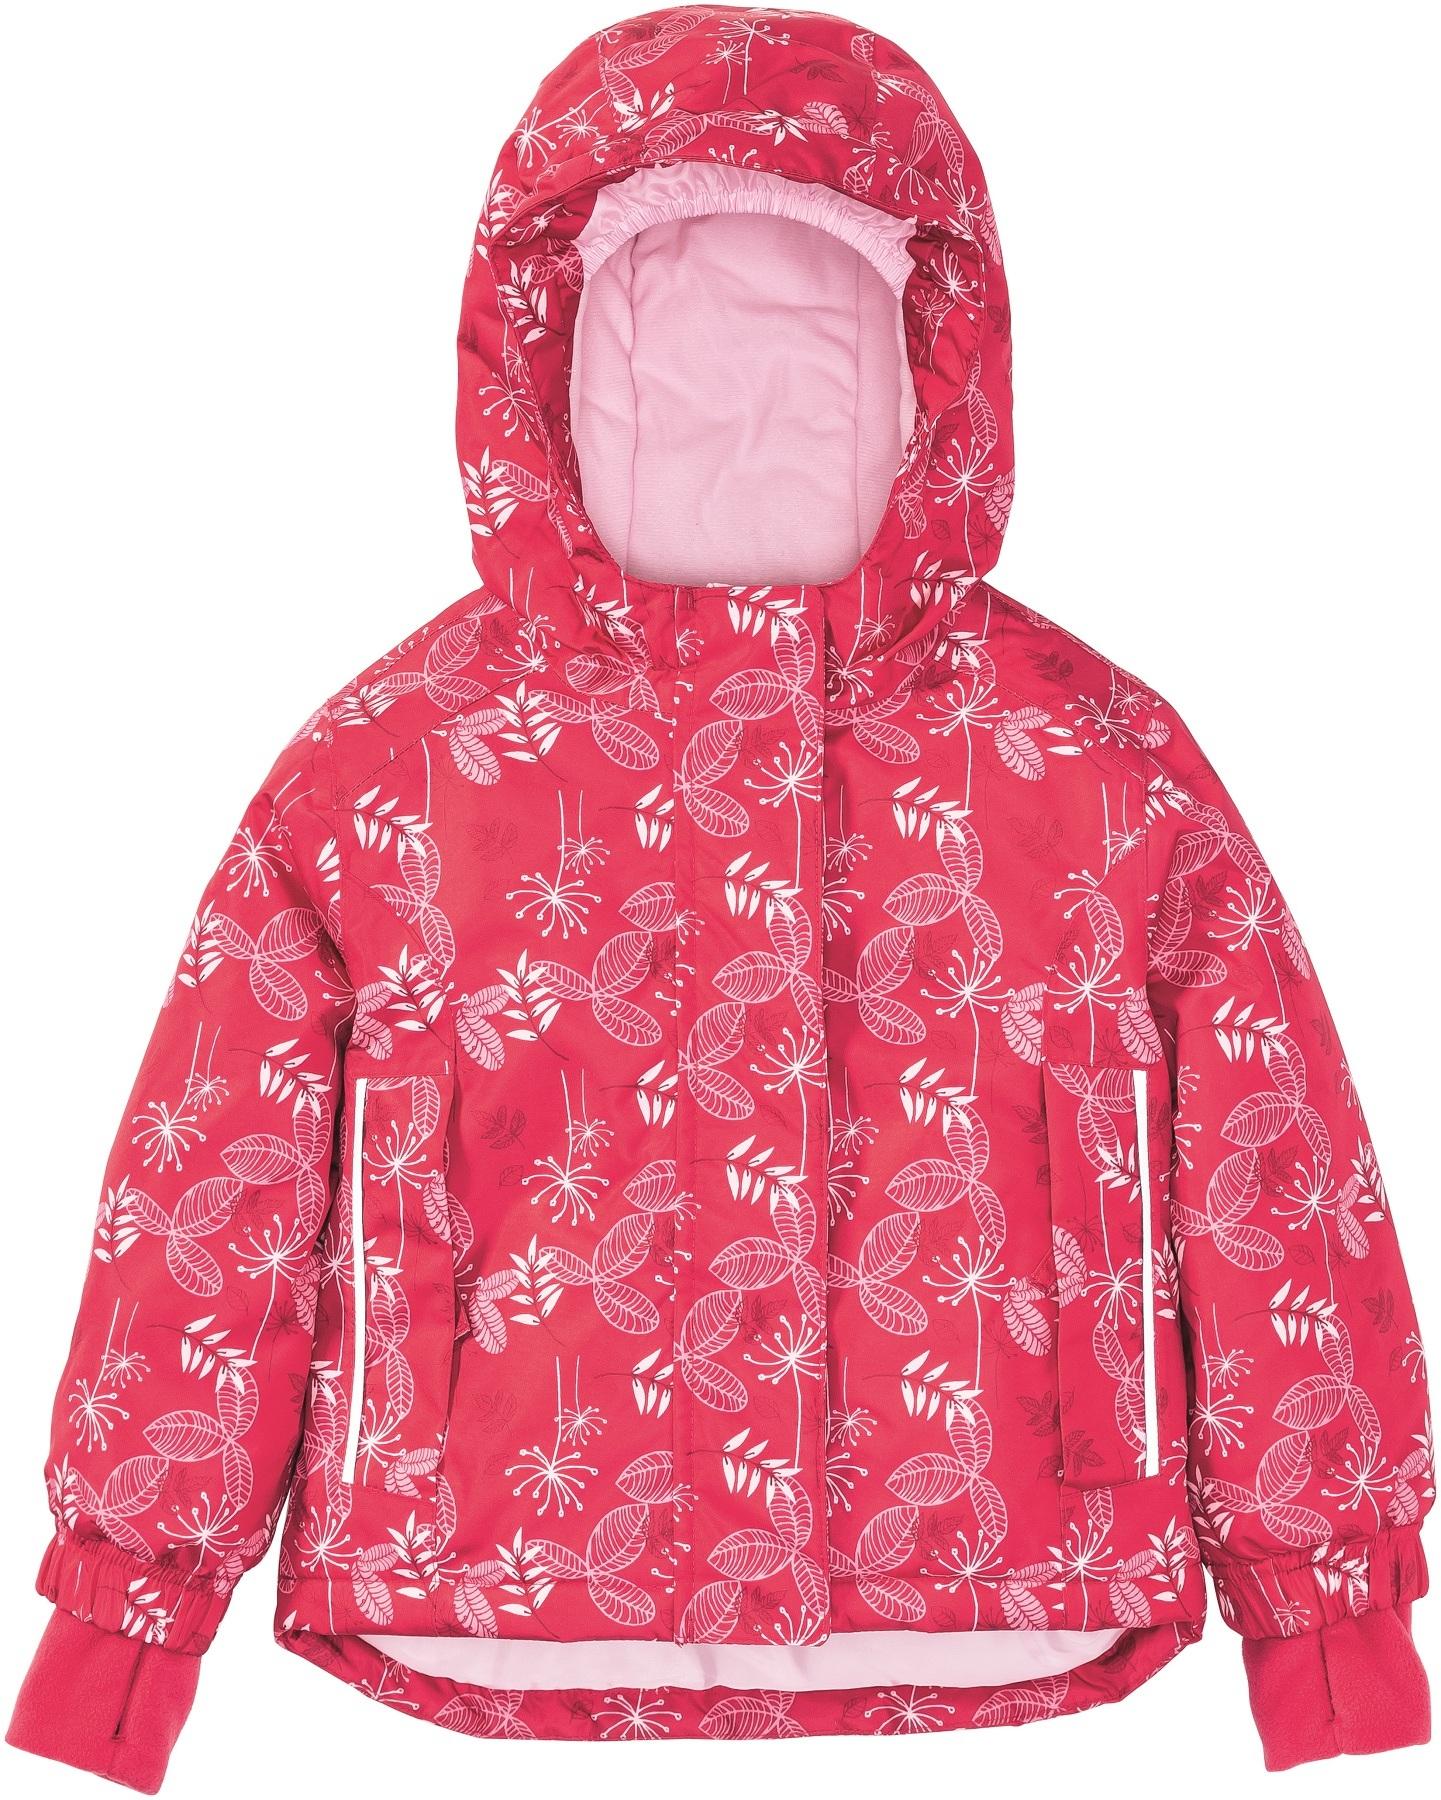 Kids - Girls Ski Jacket £11.99 (1).JPG